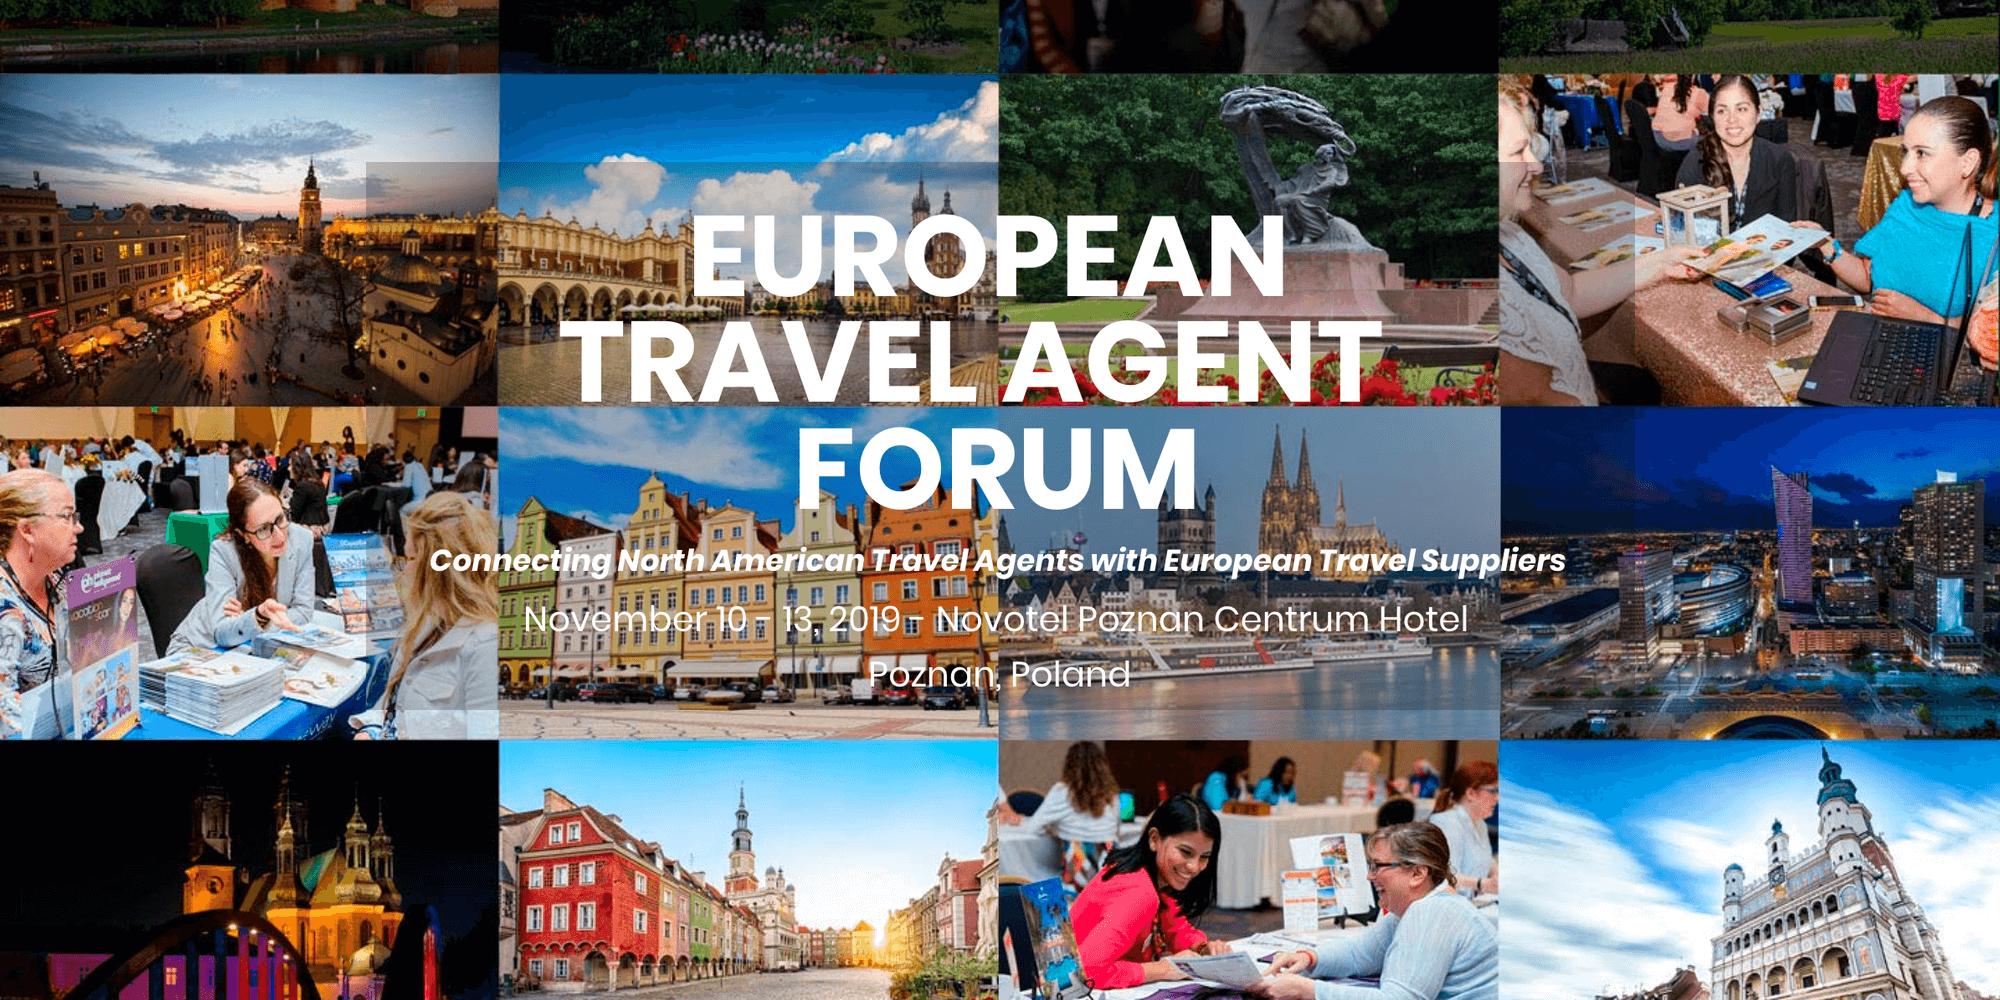 European Travel Agent Forum